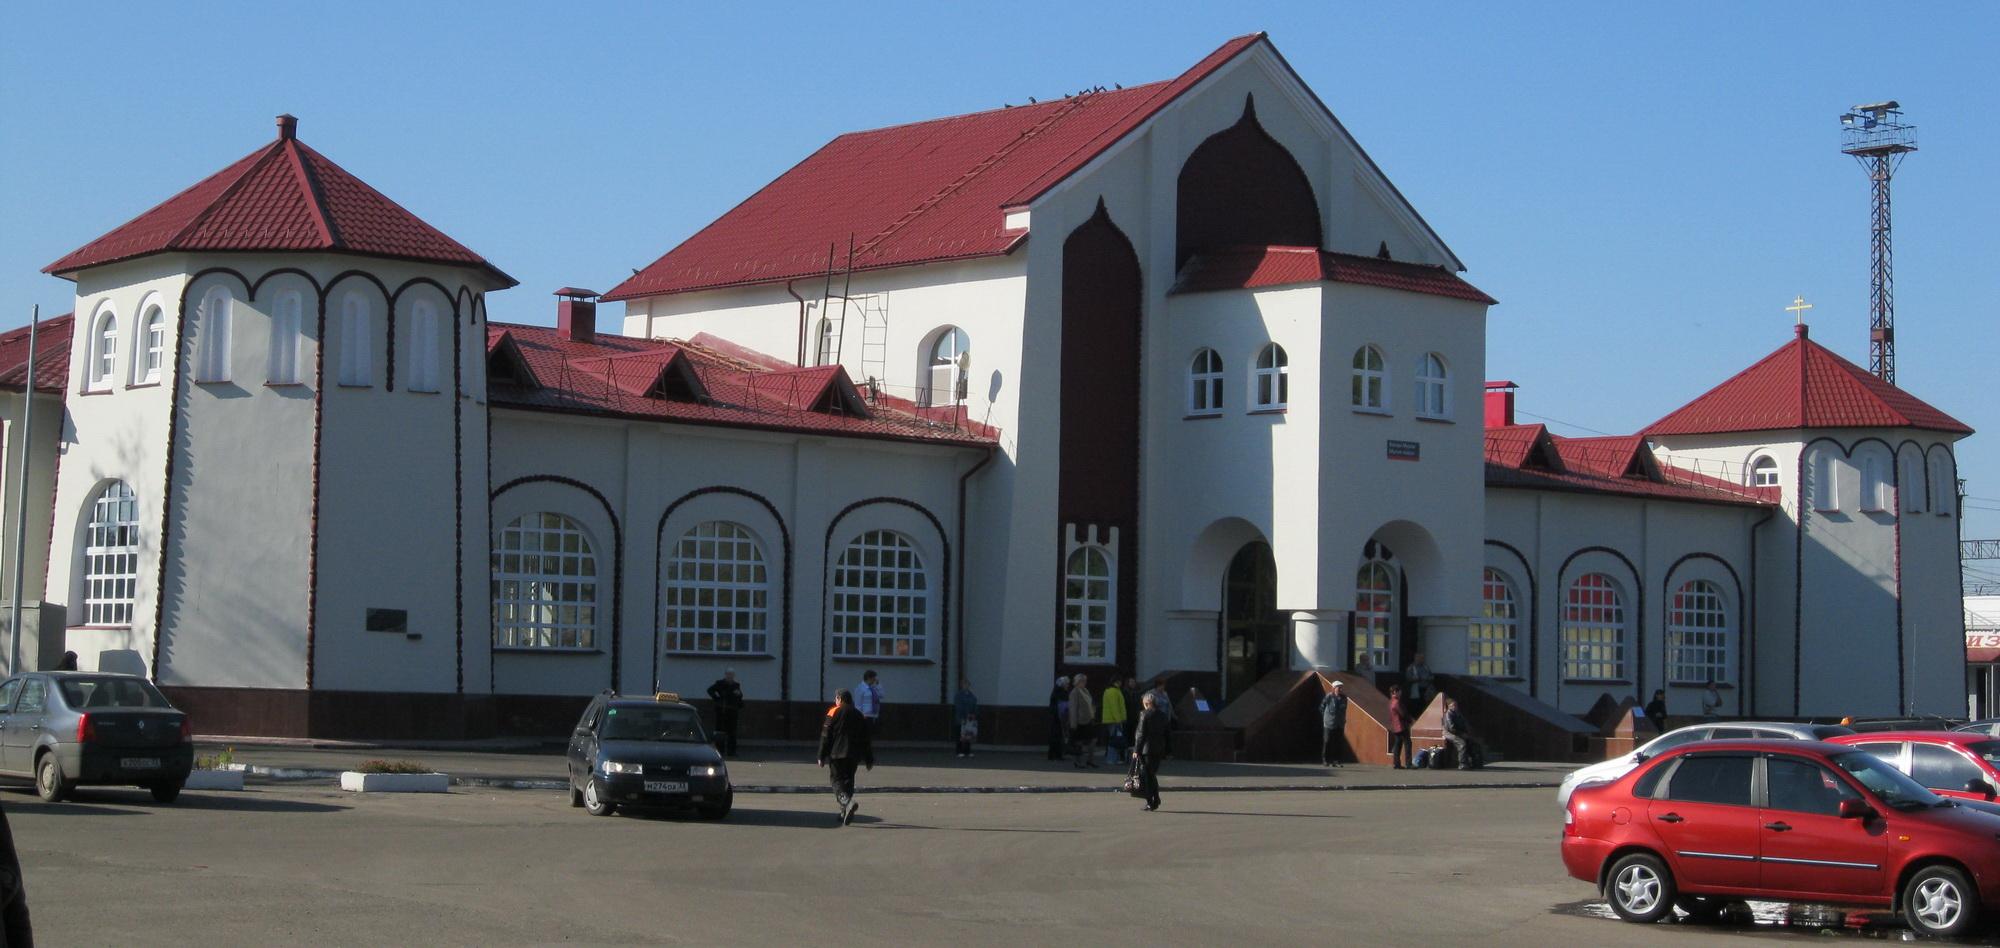 Железнодорожный вокзал в Муроме - памятник архитектуры.